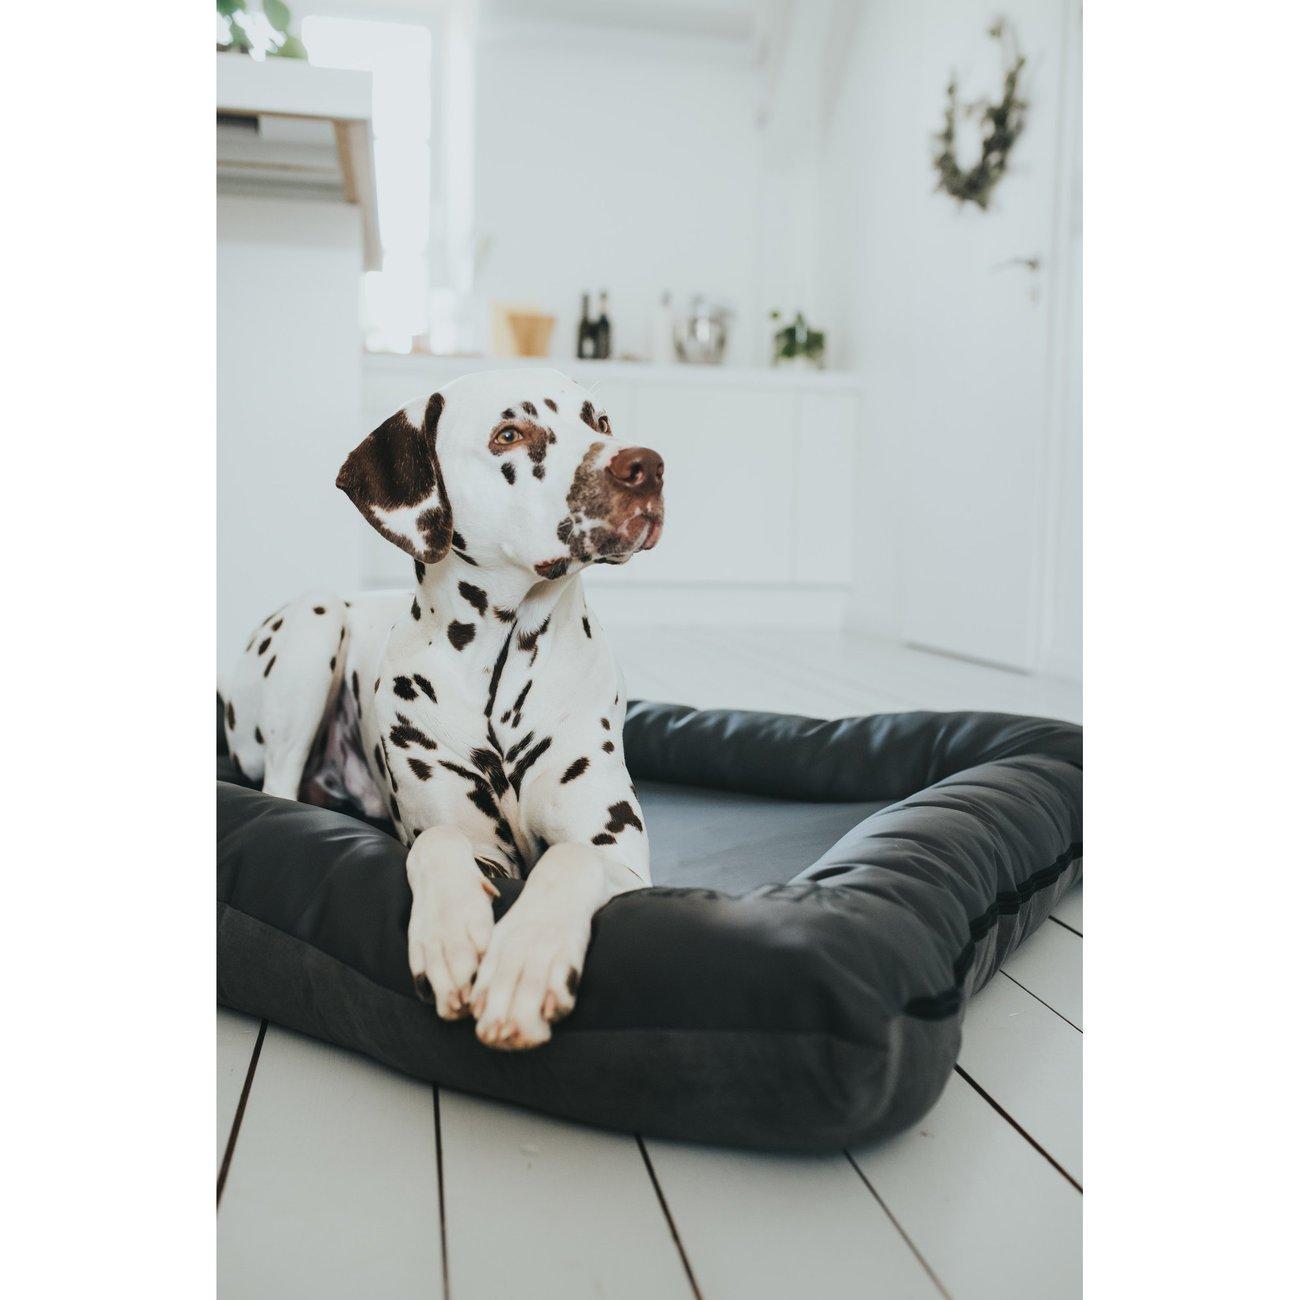 Hunter Hundebett Hundematte Bologna Kunstleder 67189, Bild 14